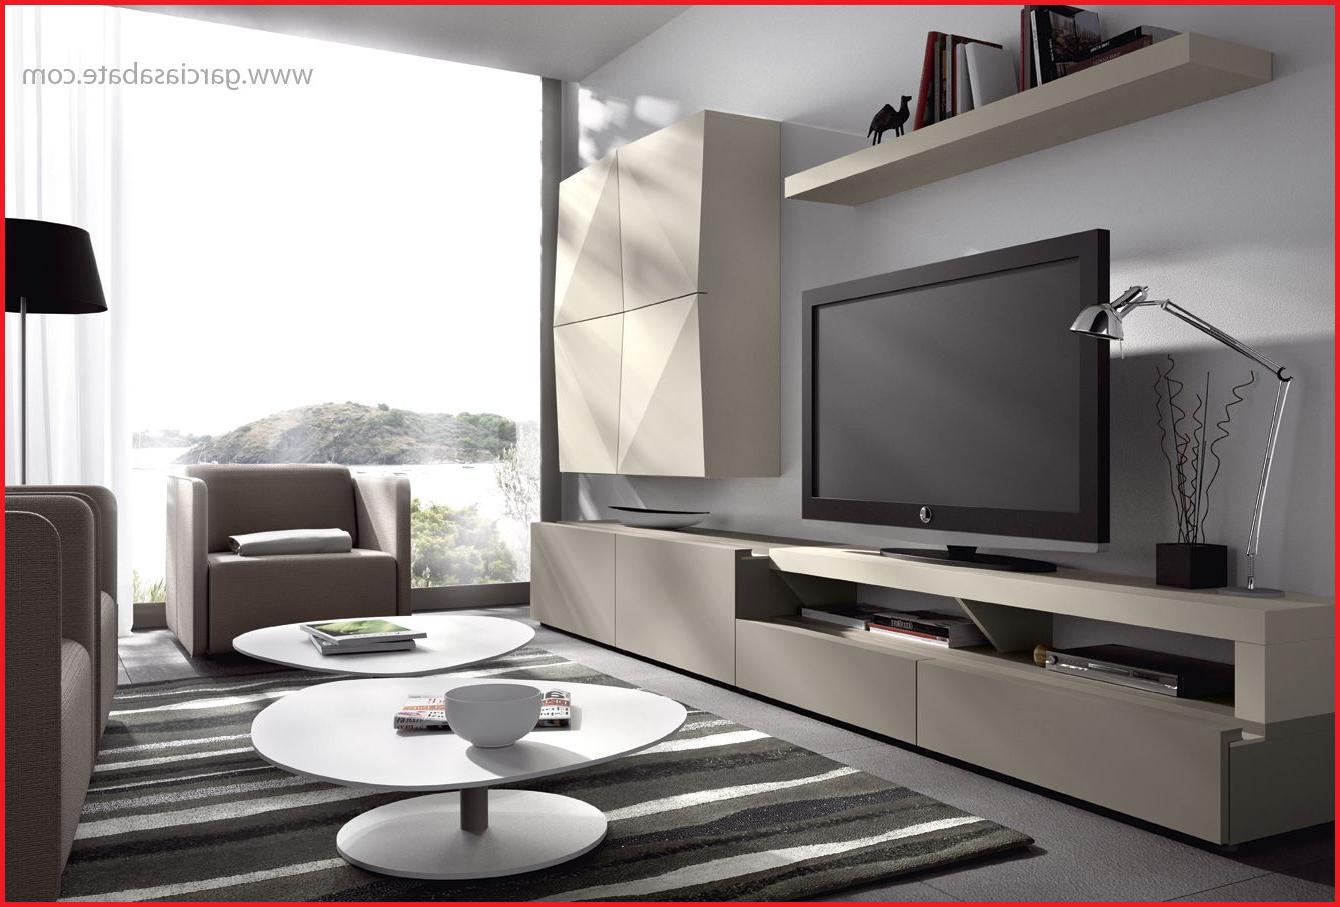 Mobiliario Salon Q0d4 Mobiliario Salon Mobiliario Salon De DiseO Buscar Con Google